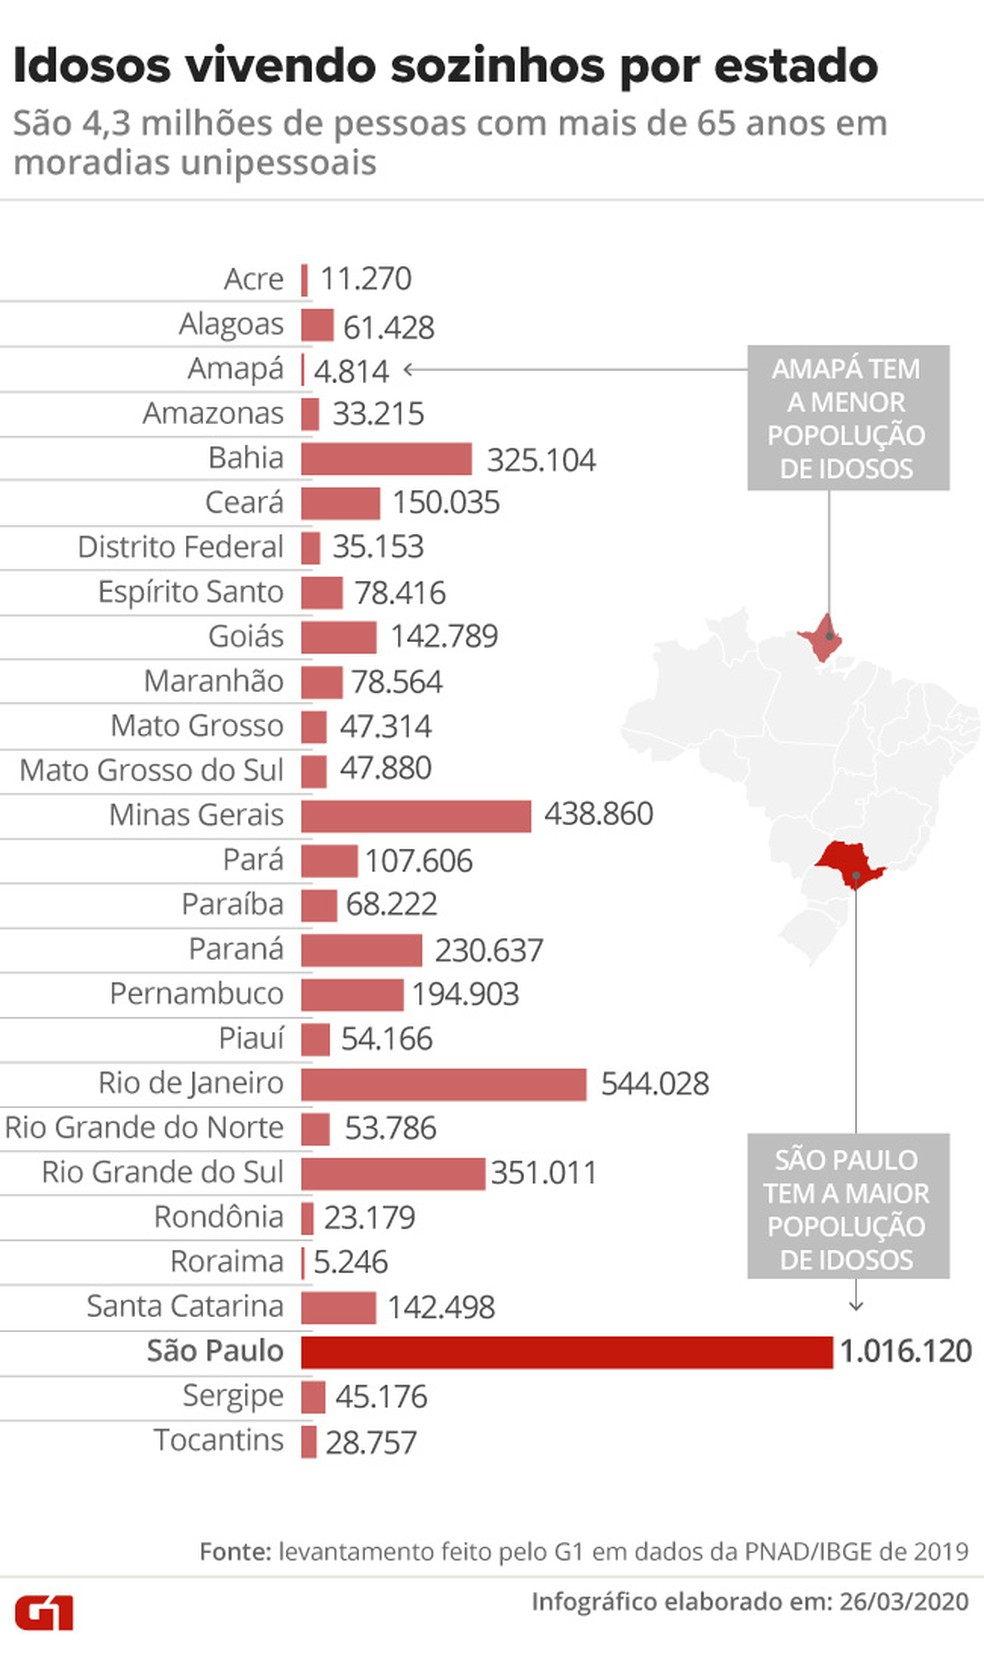 Brasil tem 4,3 milhões de idosos vivendo sozinhos: número por estado — Foto: Aparecido Gonçalves/G1